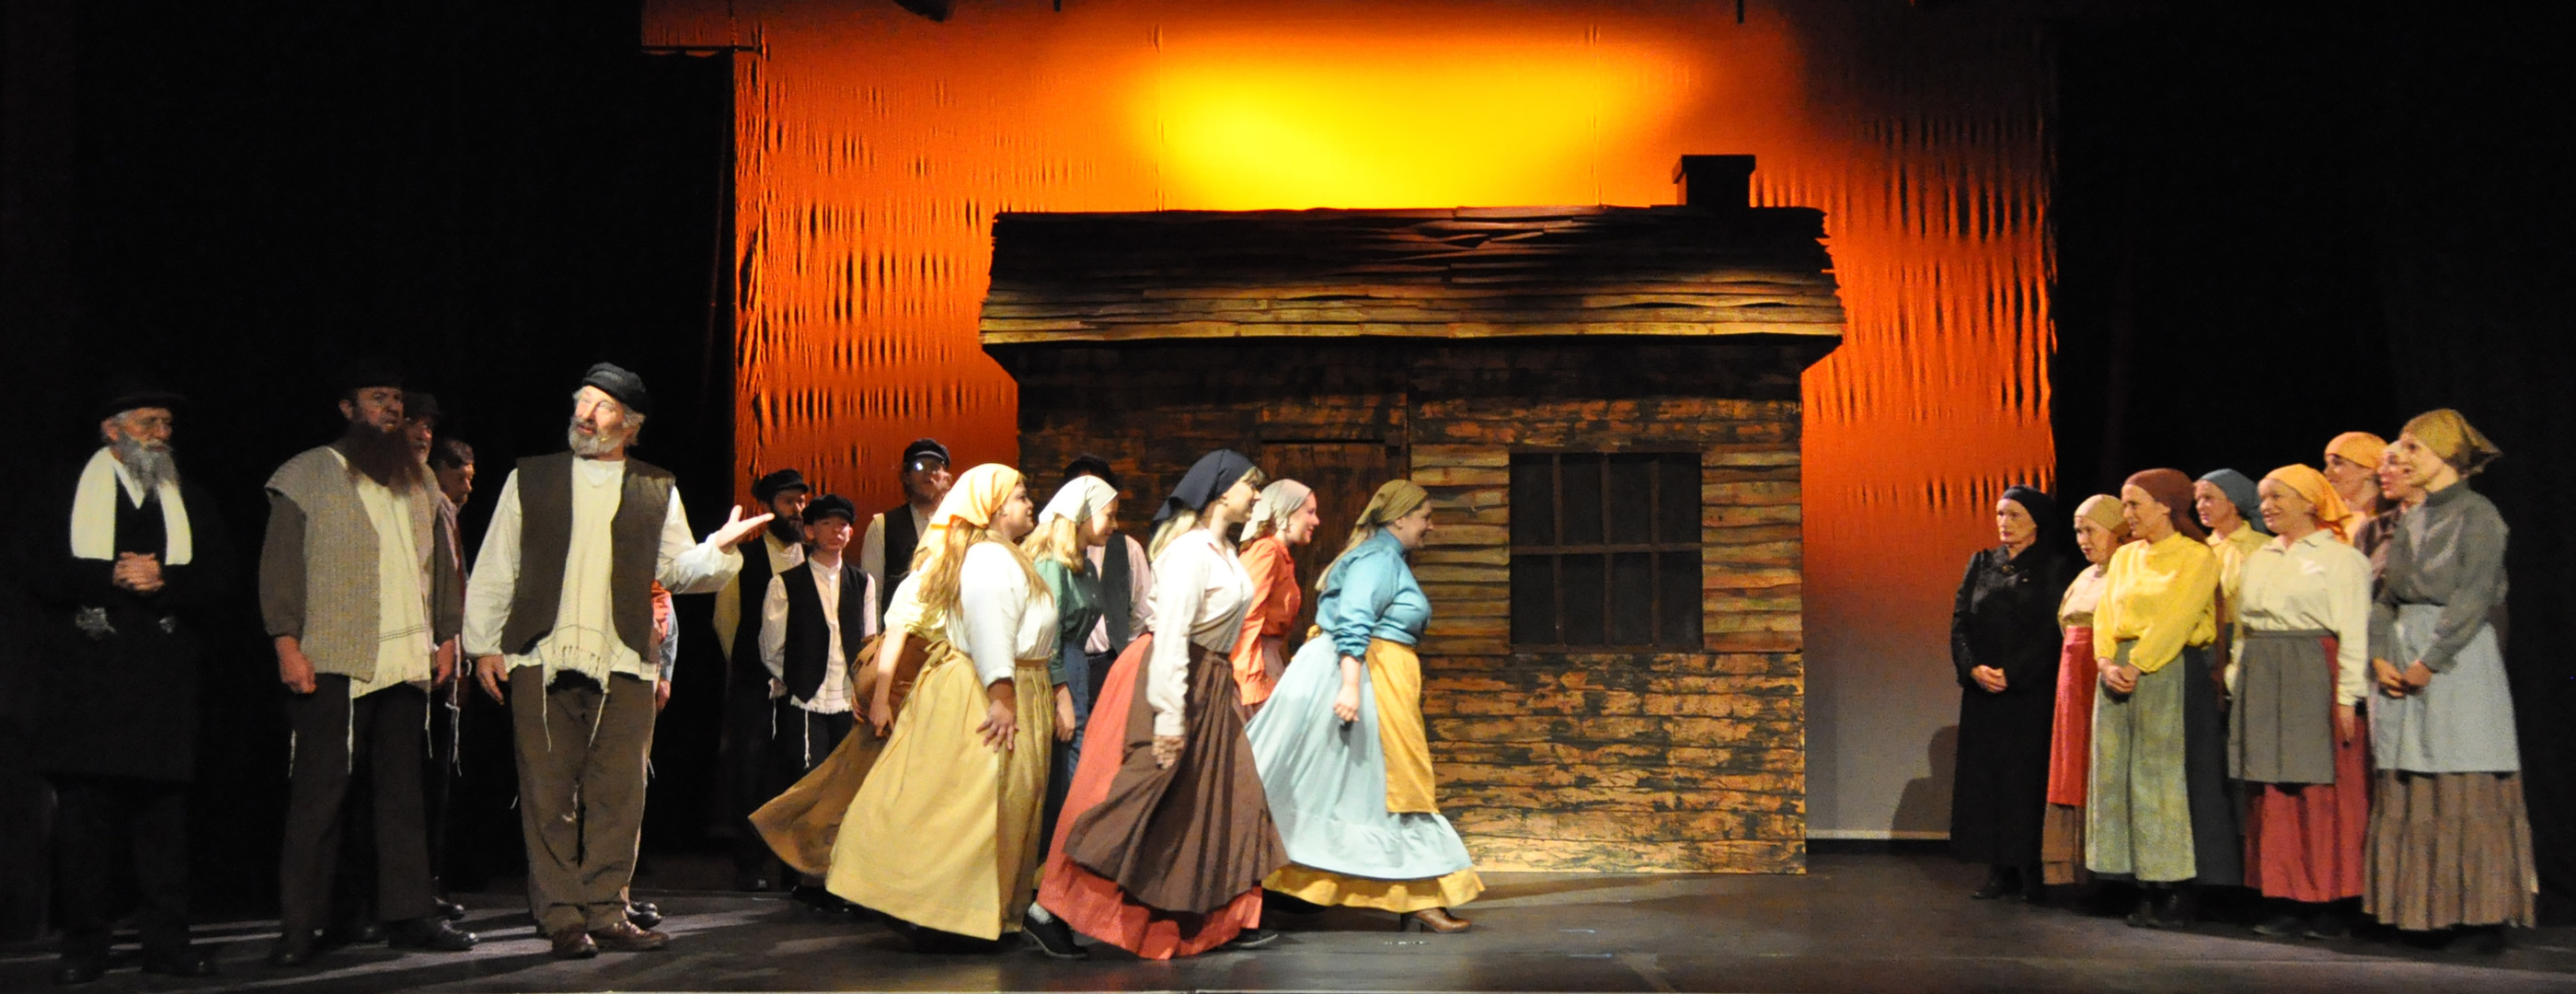 Fiddler - dress rehearsal 22-10-19 -103.